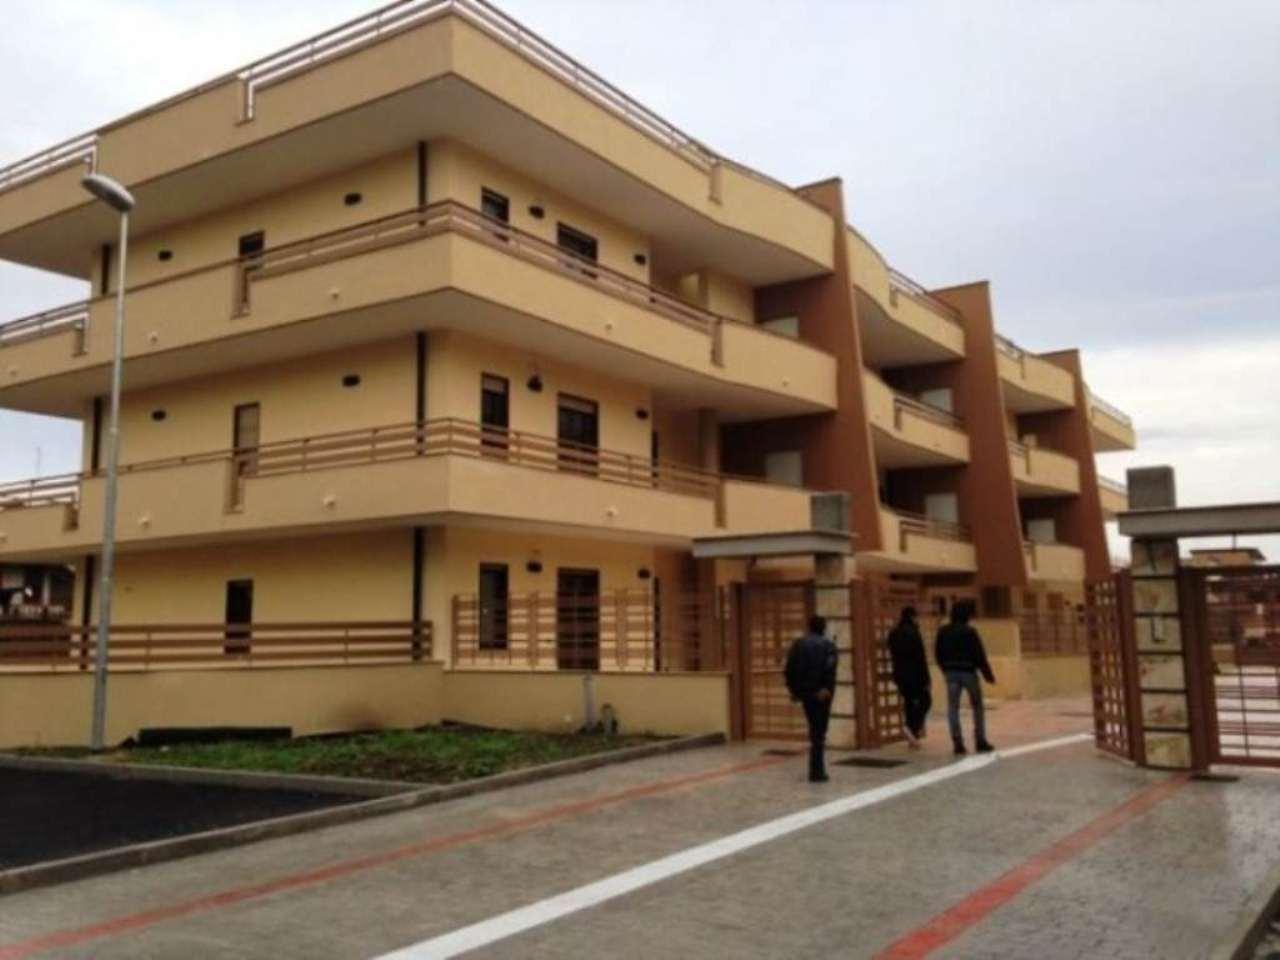 Attico / Mansarda in Vendita a Pomigliano d'Arco